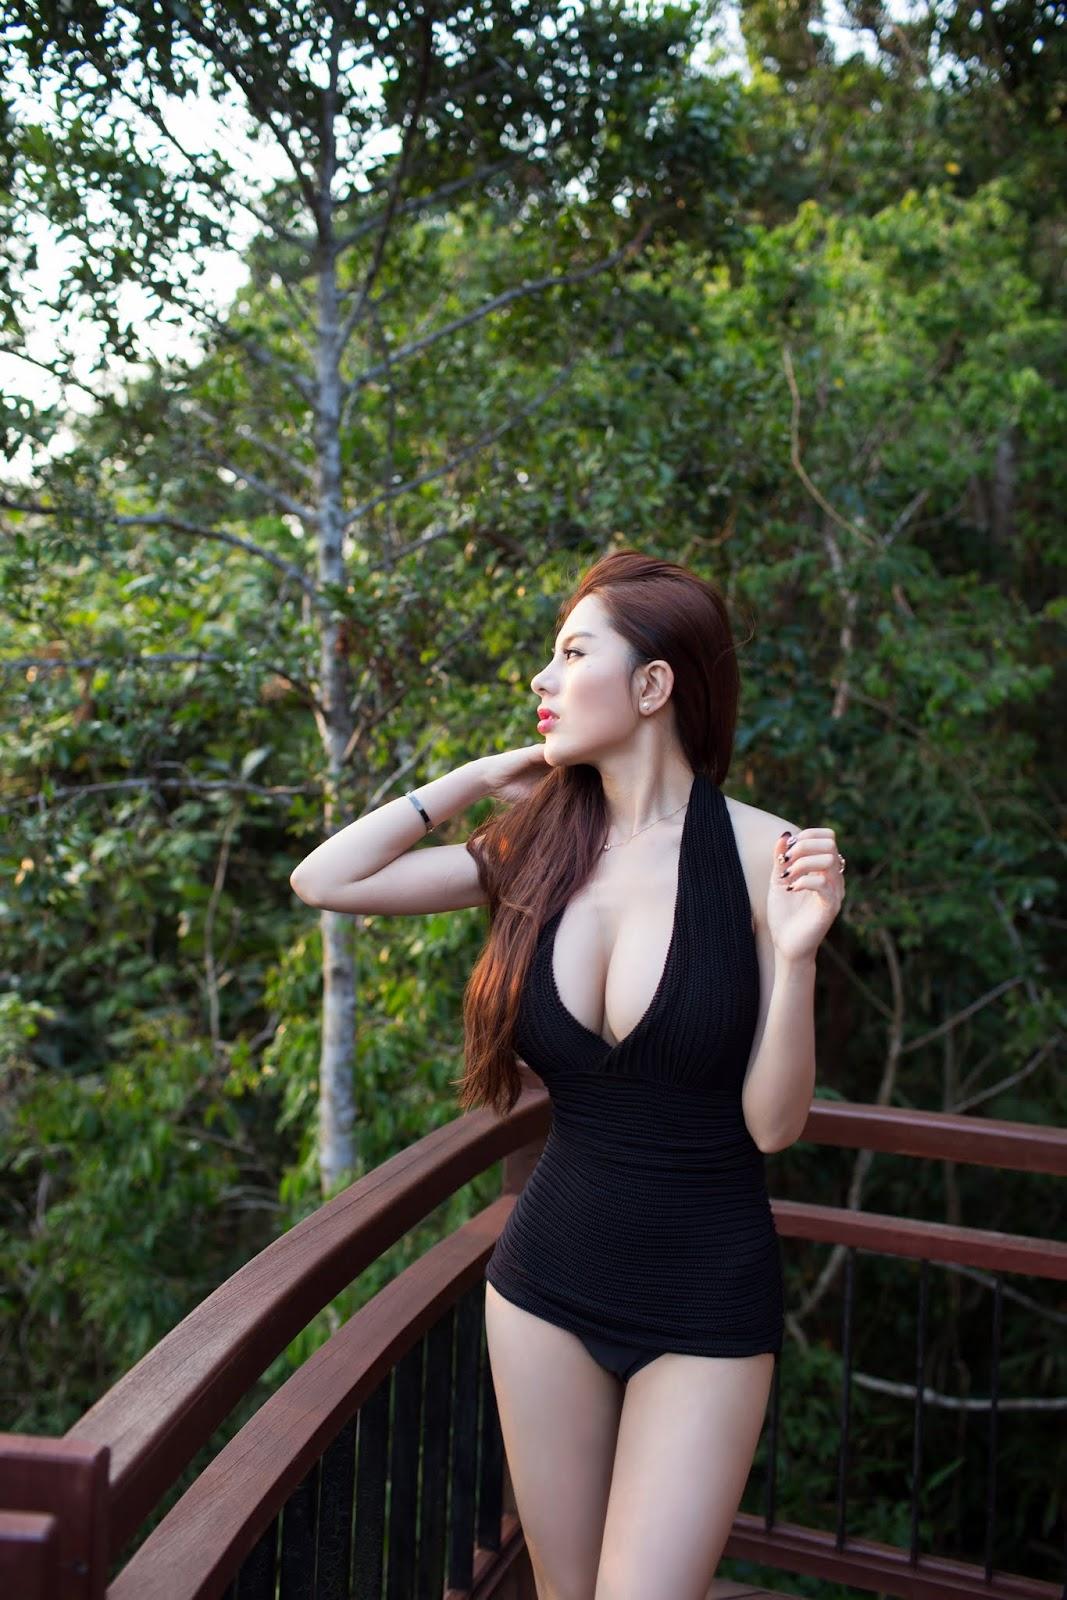 %252B%252B%252B%25C2%25AC %252B 29 - Naked Nude Girl TUIGIRL NO.51 Model